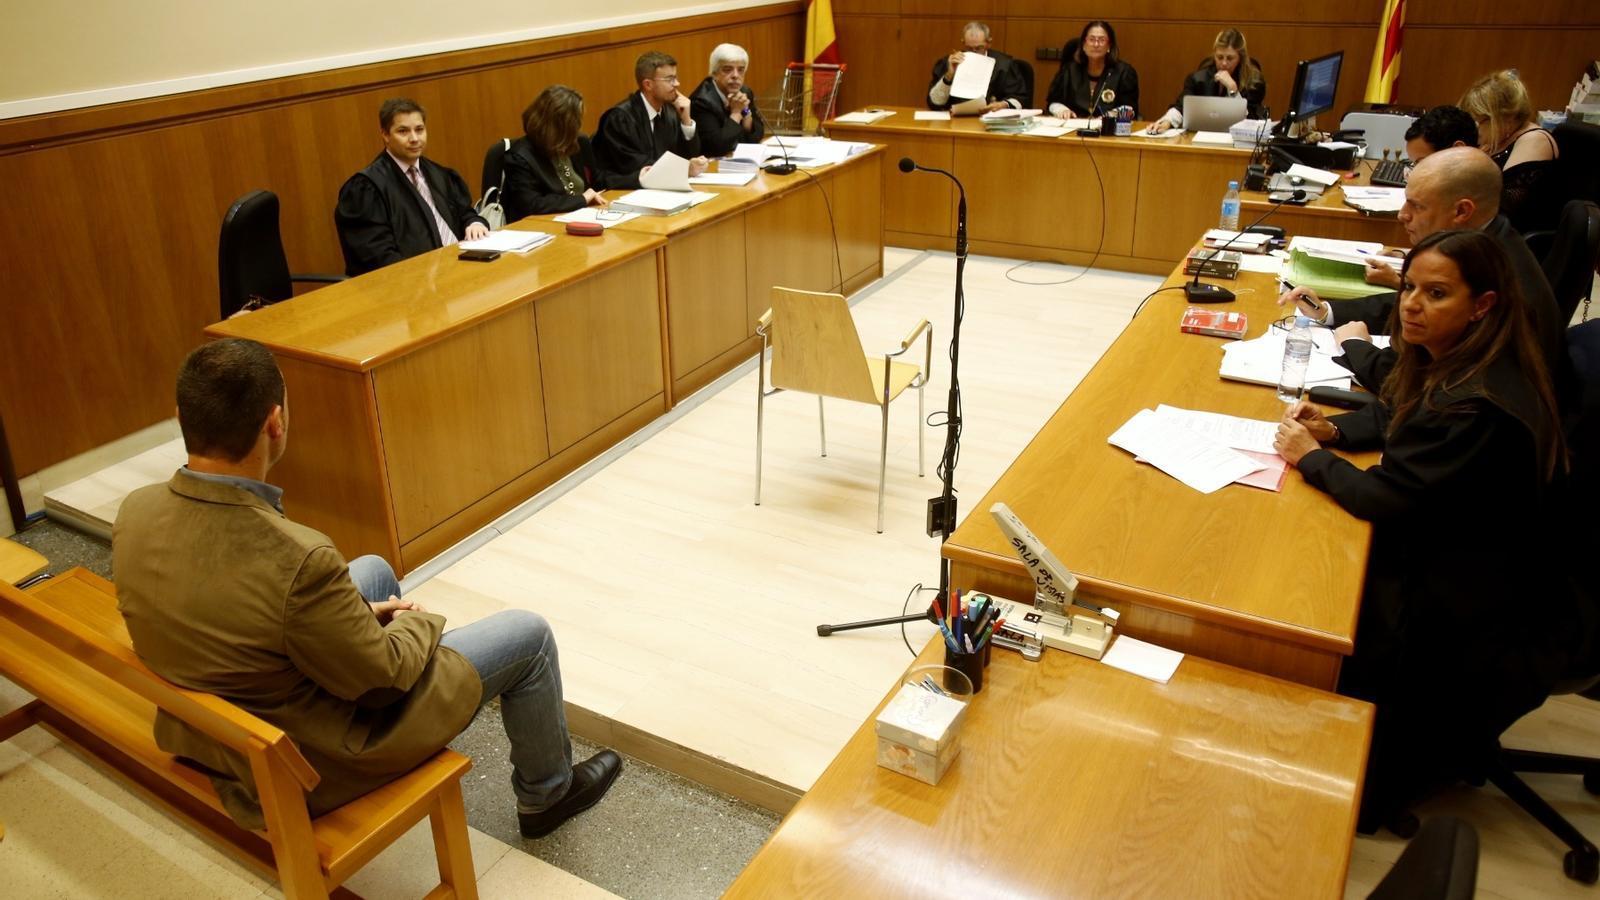 El mosso jutjat, assegut al banc dels acusats a l'Audiència de Barcelona